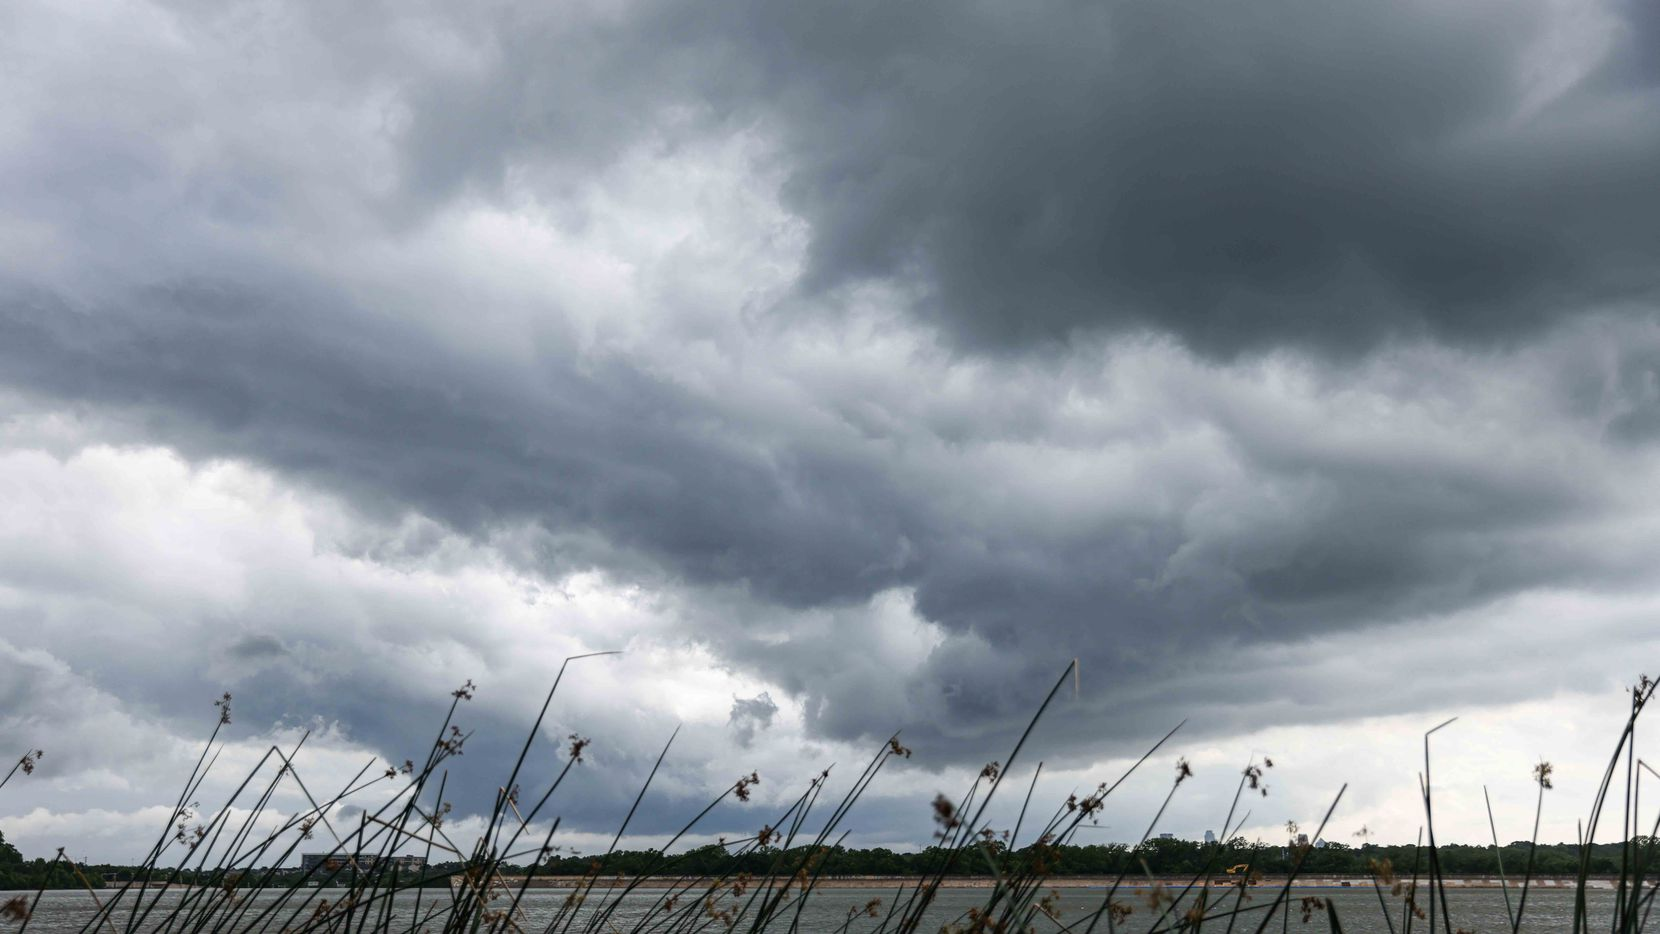 El sábado será un día lluvioso en White Rock Lake y otros lugares de Dallas con temperaturas por debajo de lo normal.